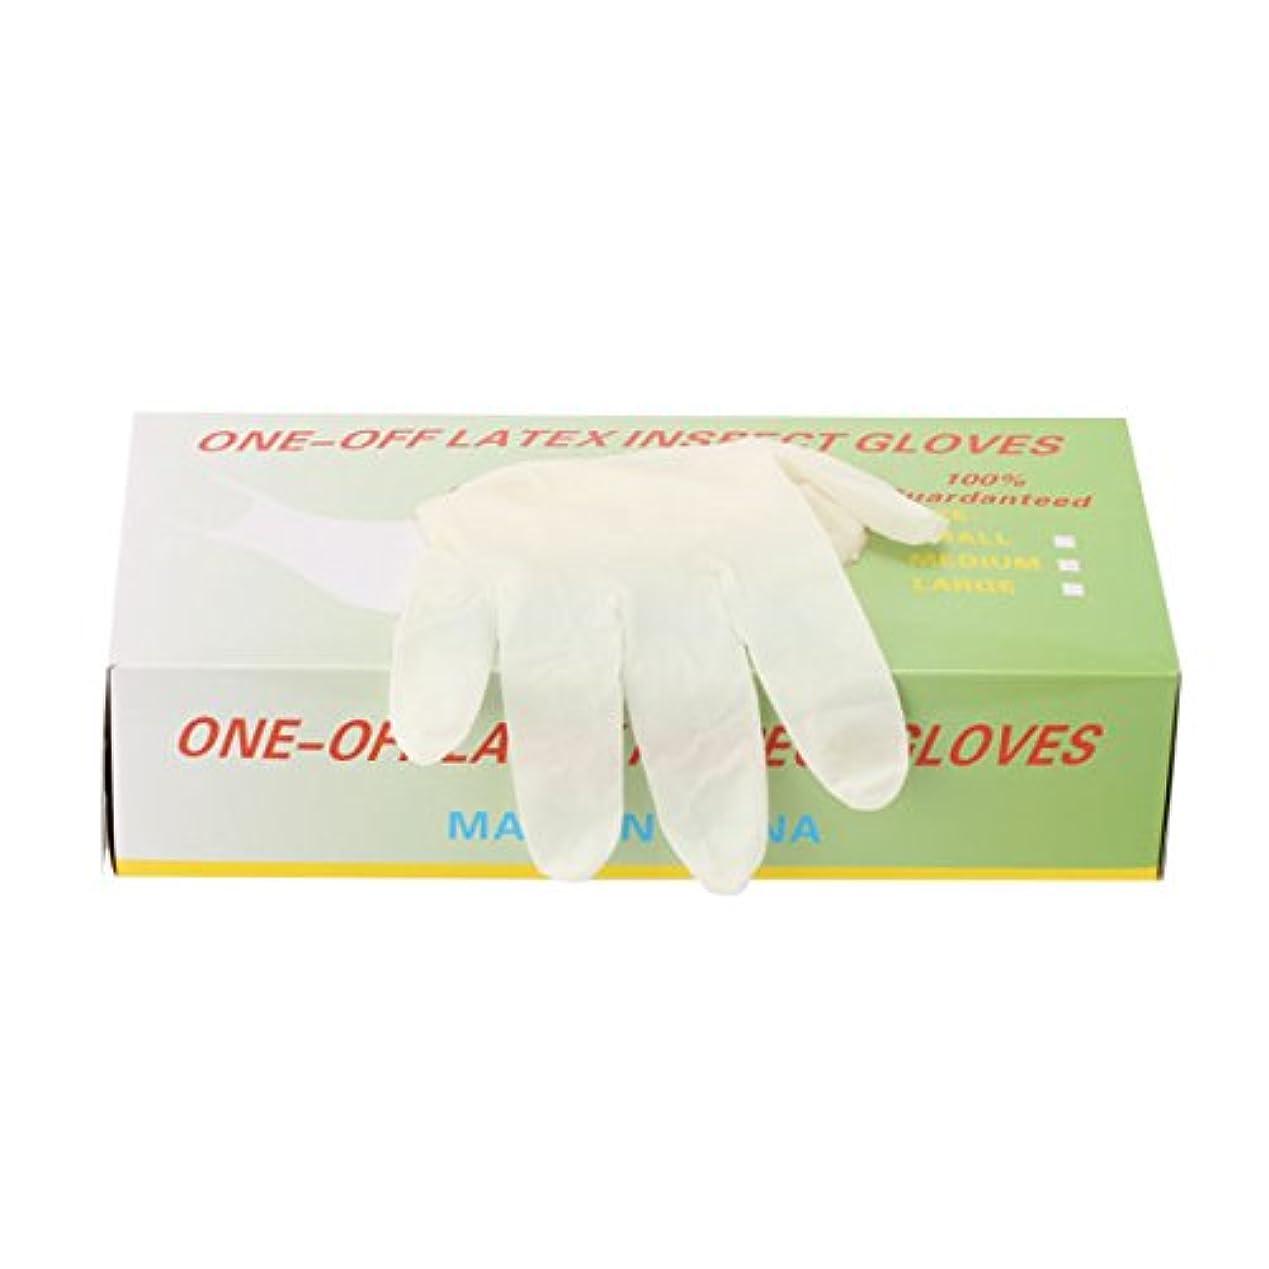 間欠材料数学者パウダーフリー使い捨てゴム手袋 100枚入 全3種 Lサイズ [ 手袋 グローブ ゴム手袋 使い捨て手袋 使い捨てグローブ ]